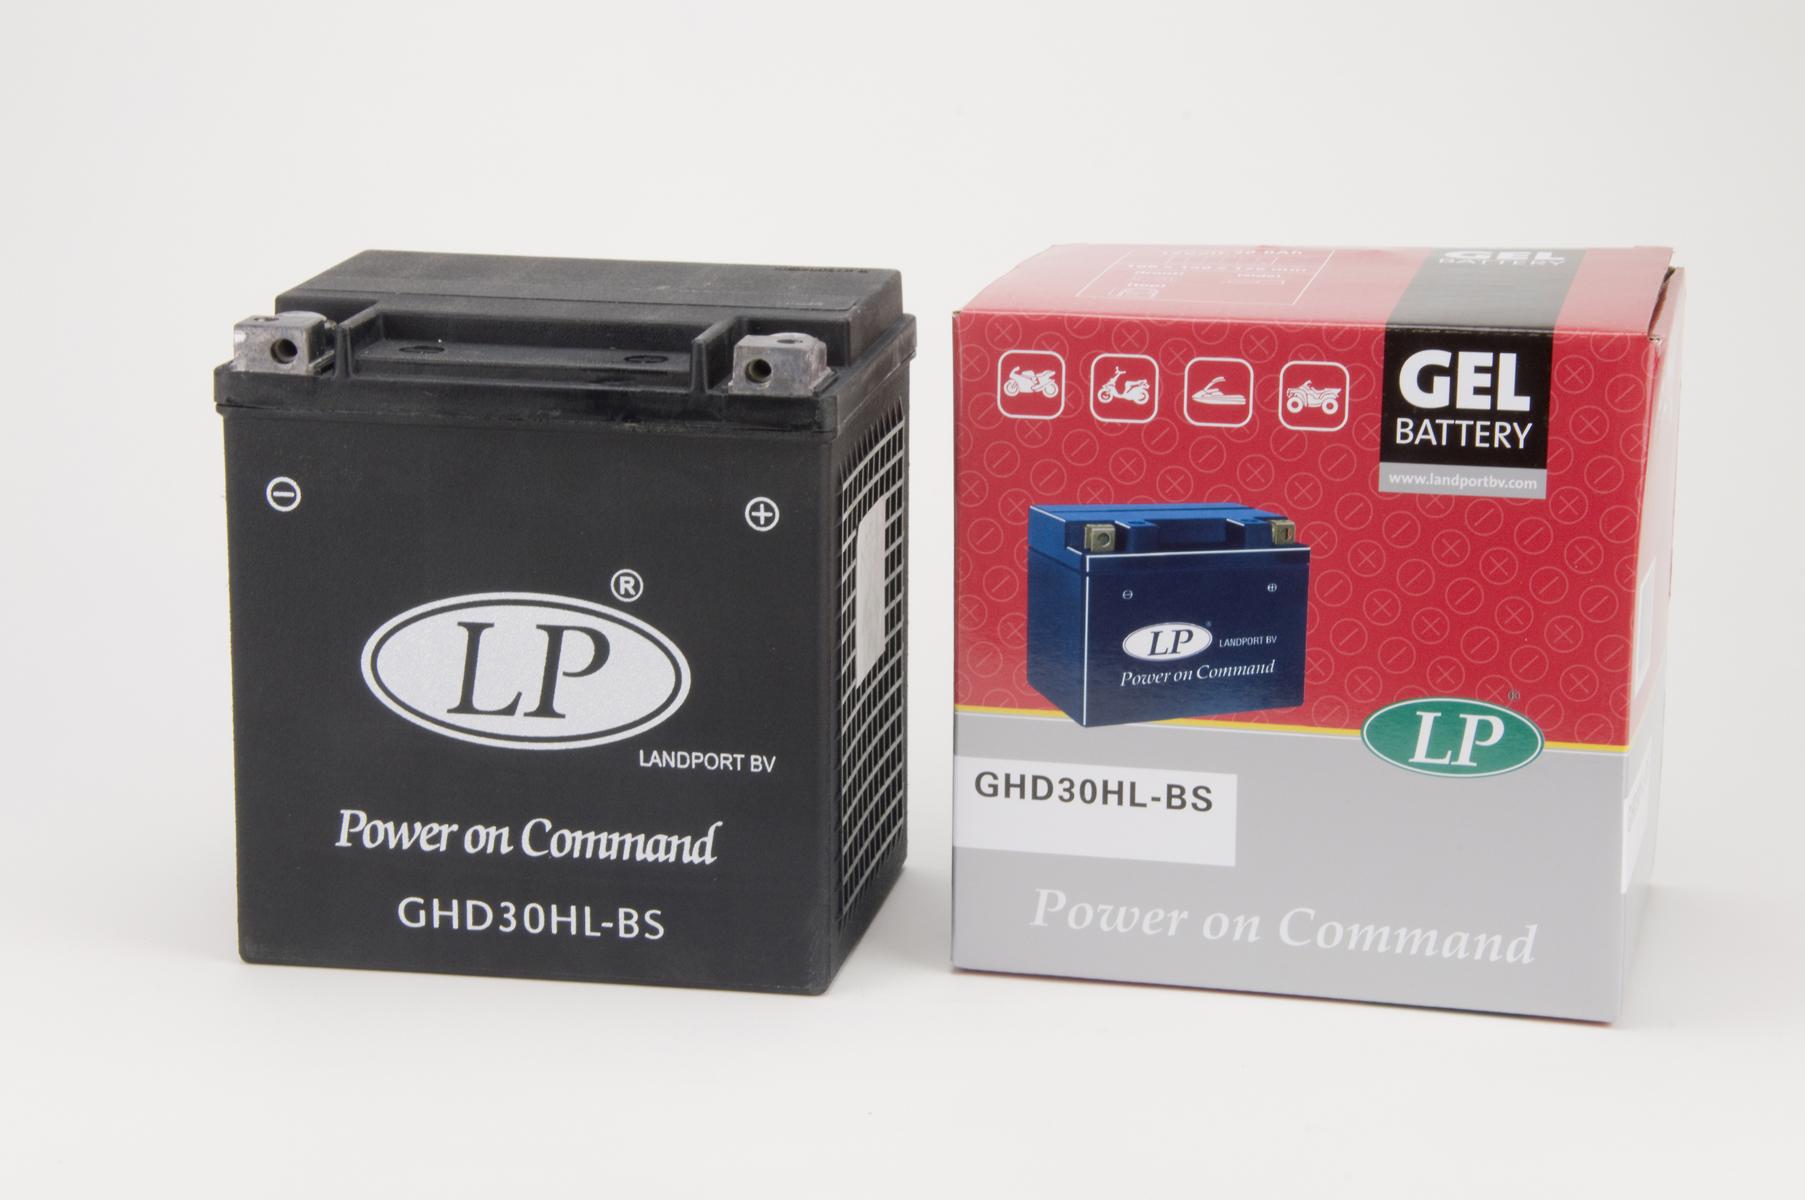 GHD30HL-BS motor accu Gel